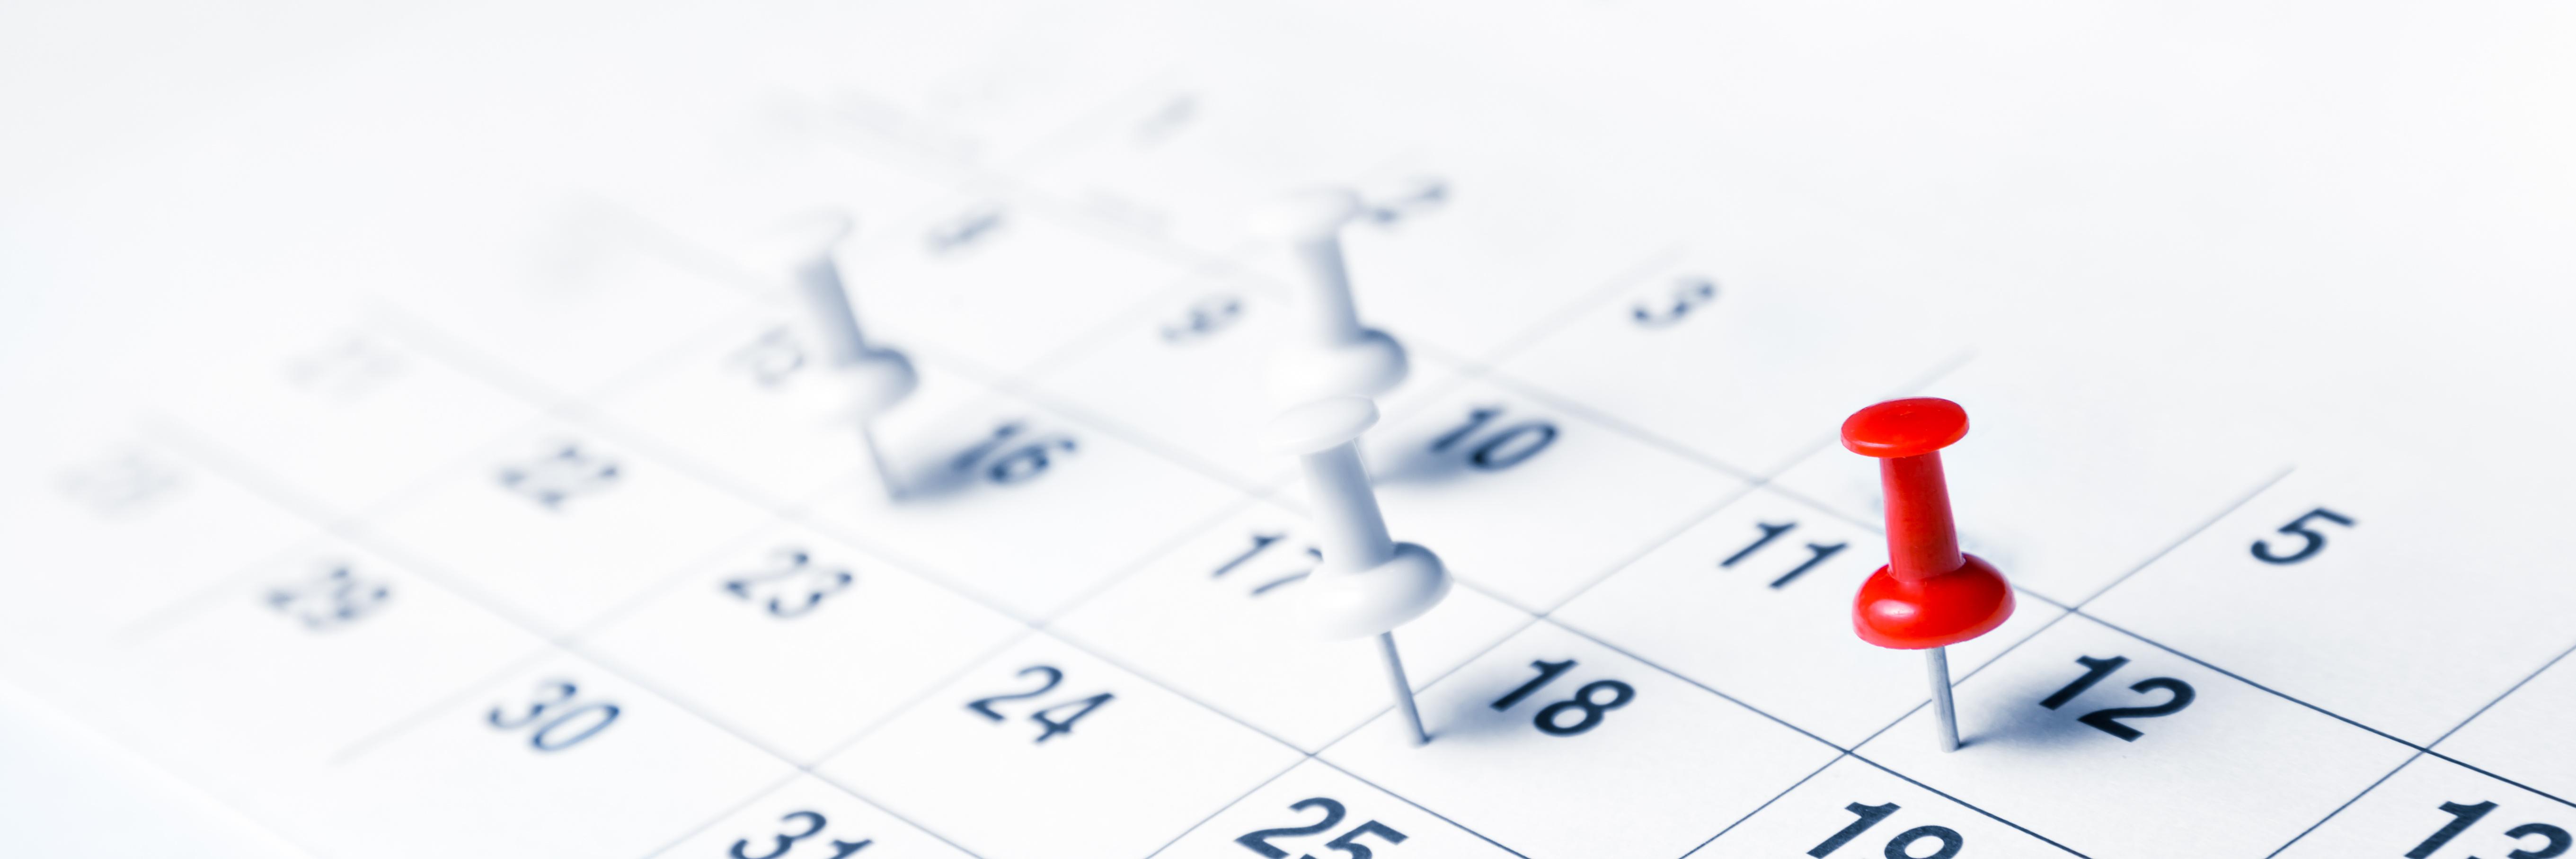 Veranstaltungen Kalenderblatt©©Alva Steury - stock.adobe.com